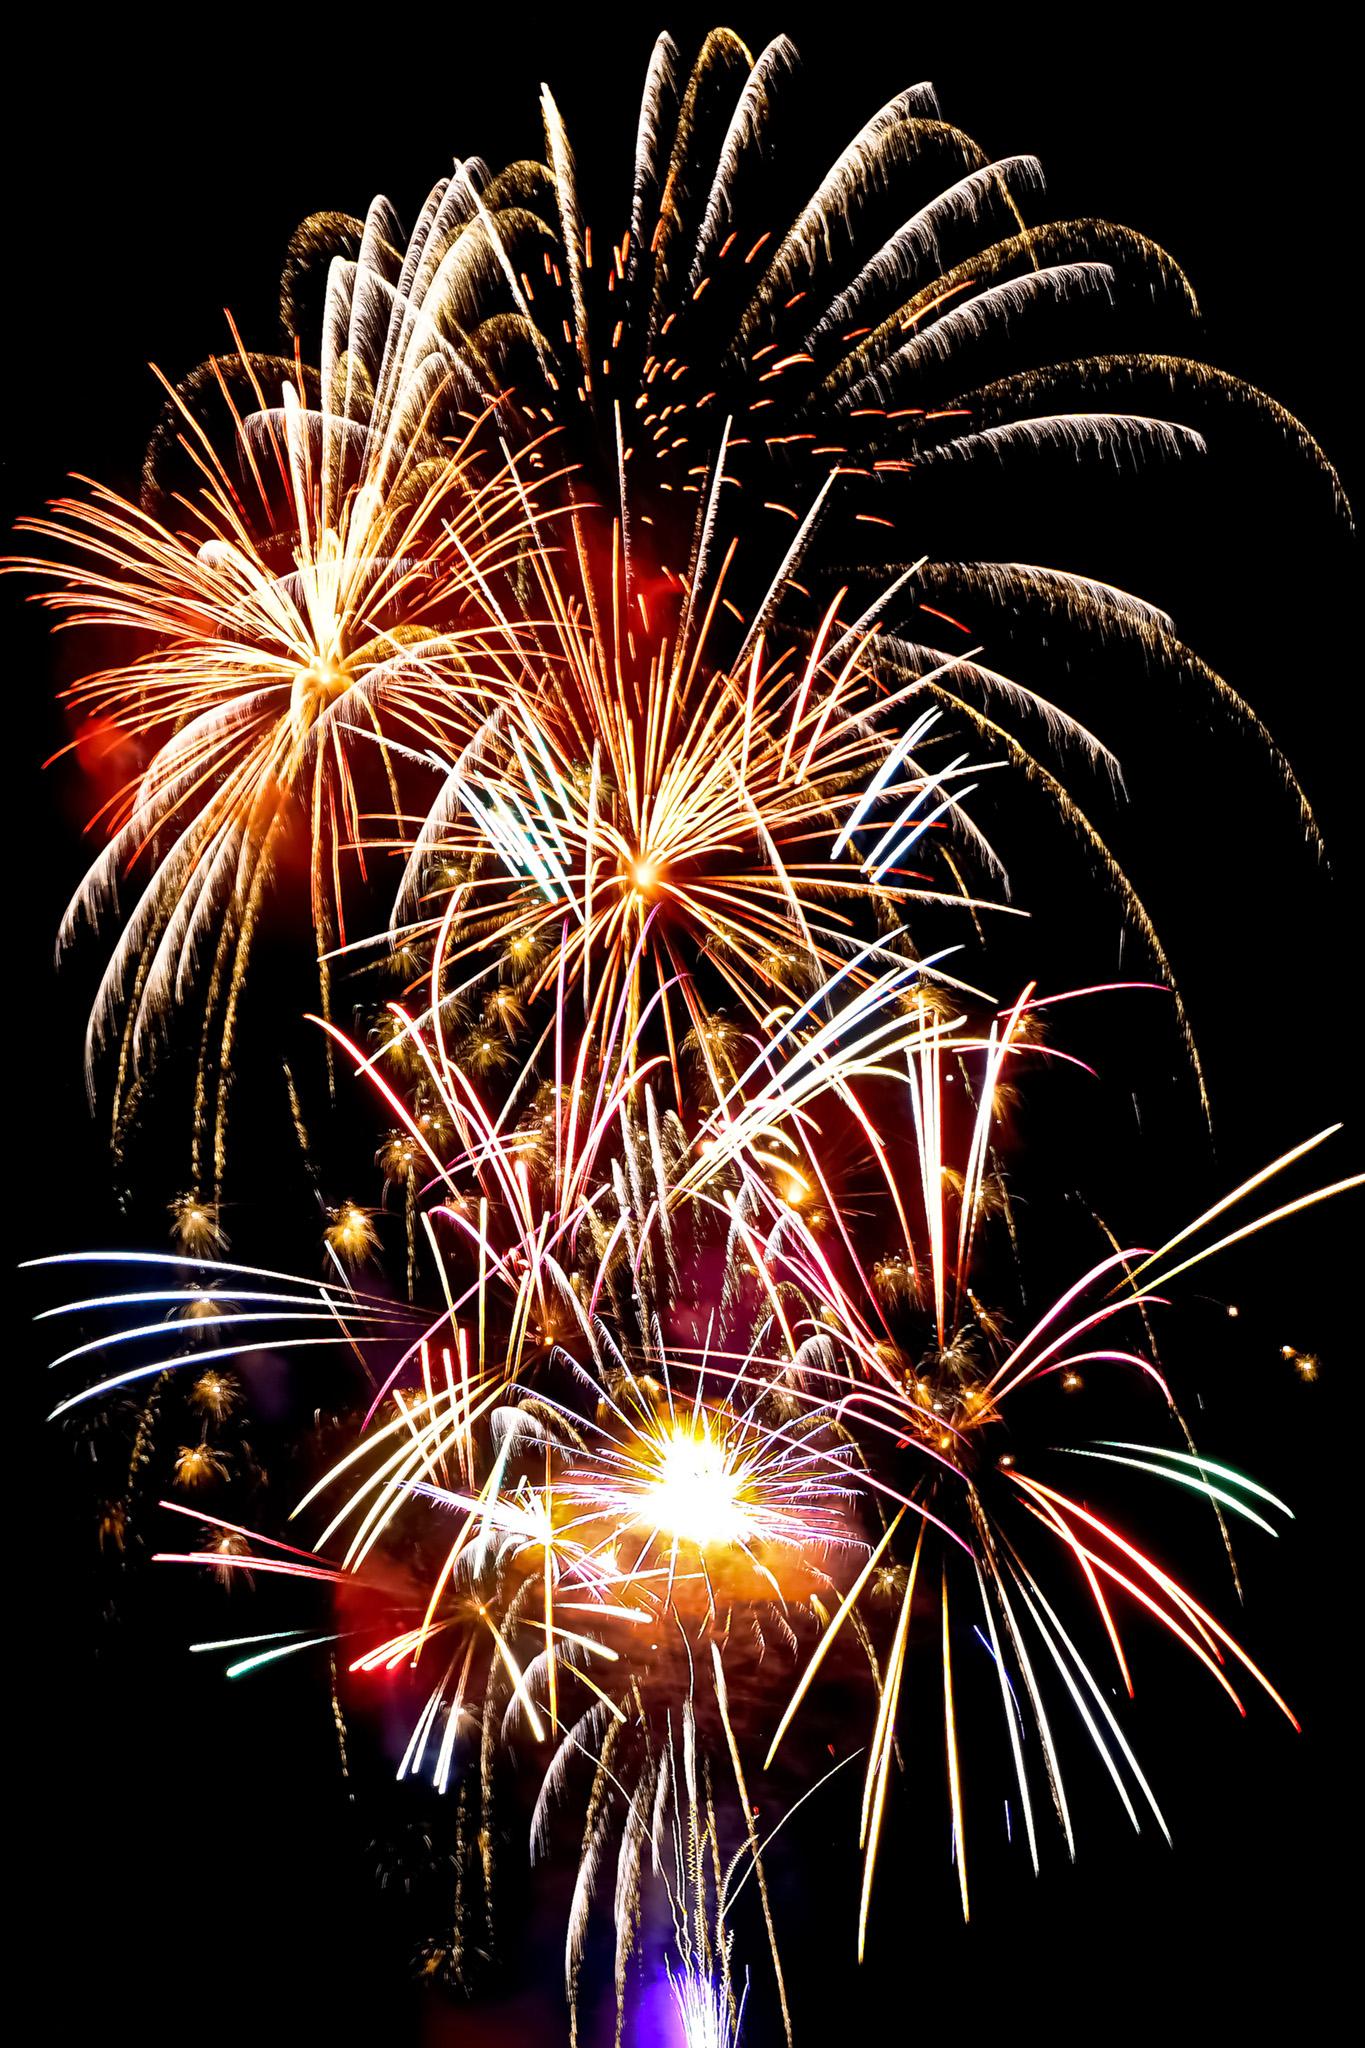 「華やかな光が舞う花火」の画像を無料ダウンロード